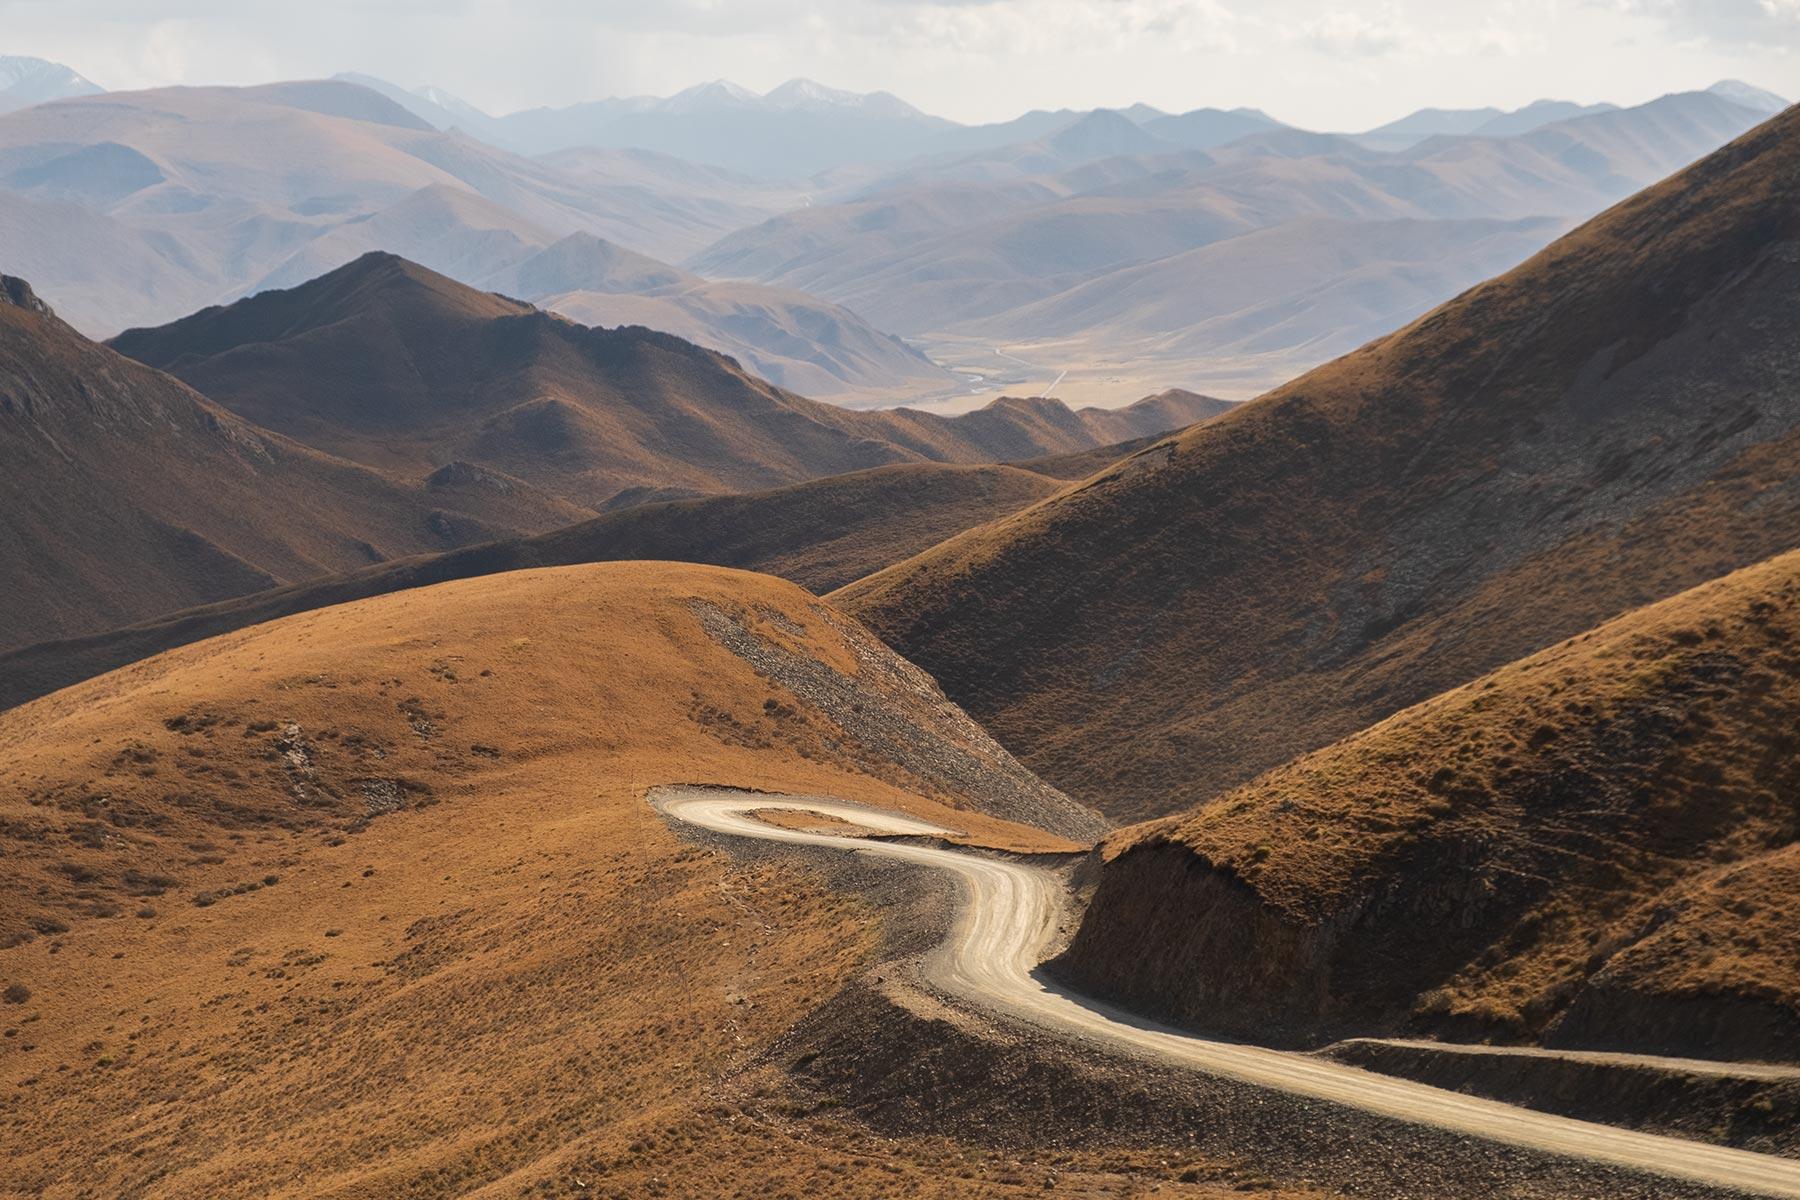 Fahrt von Gansu nach Qinghai durch die Berge